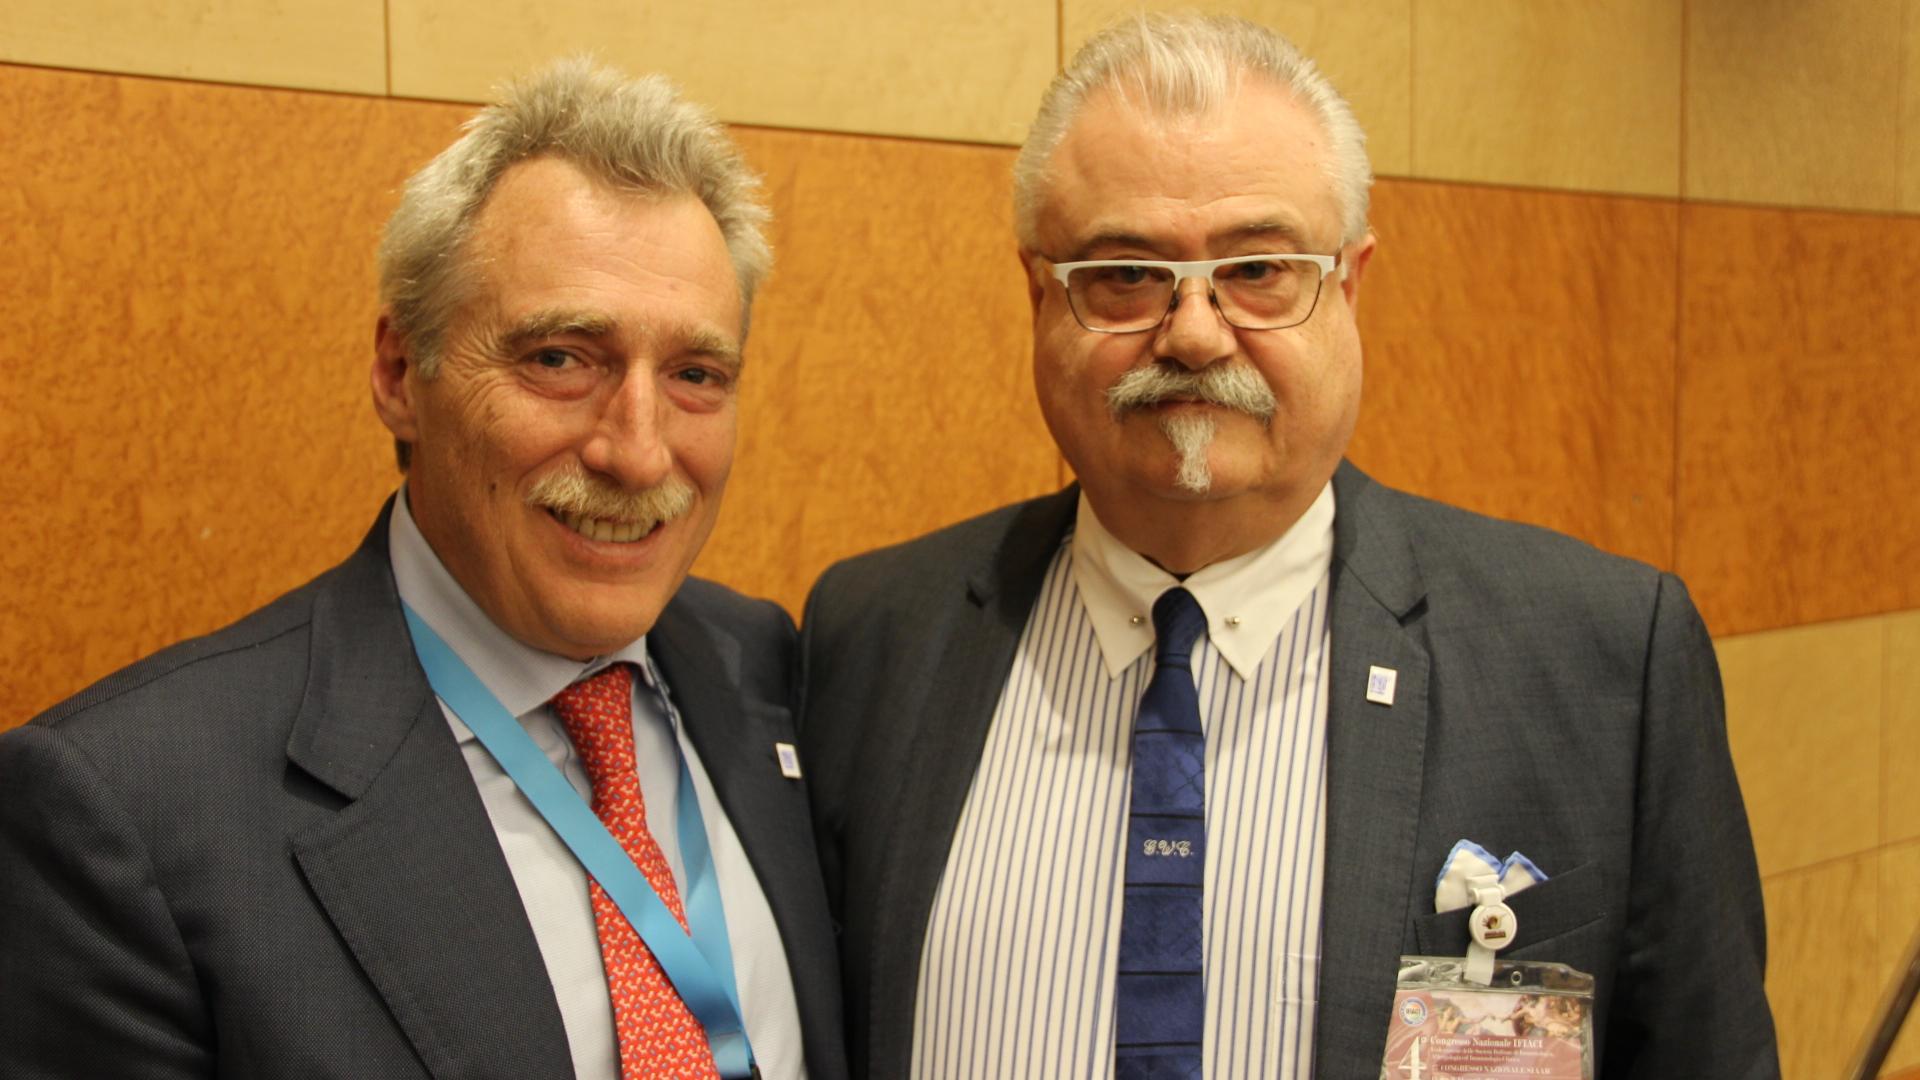 da sx Prof. Massimo Triggiani e Prof. Giorgio W. Canonica